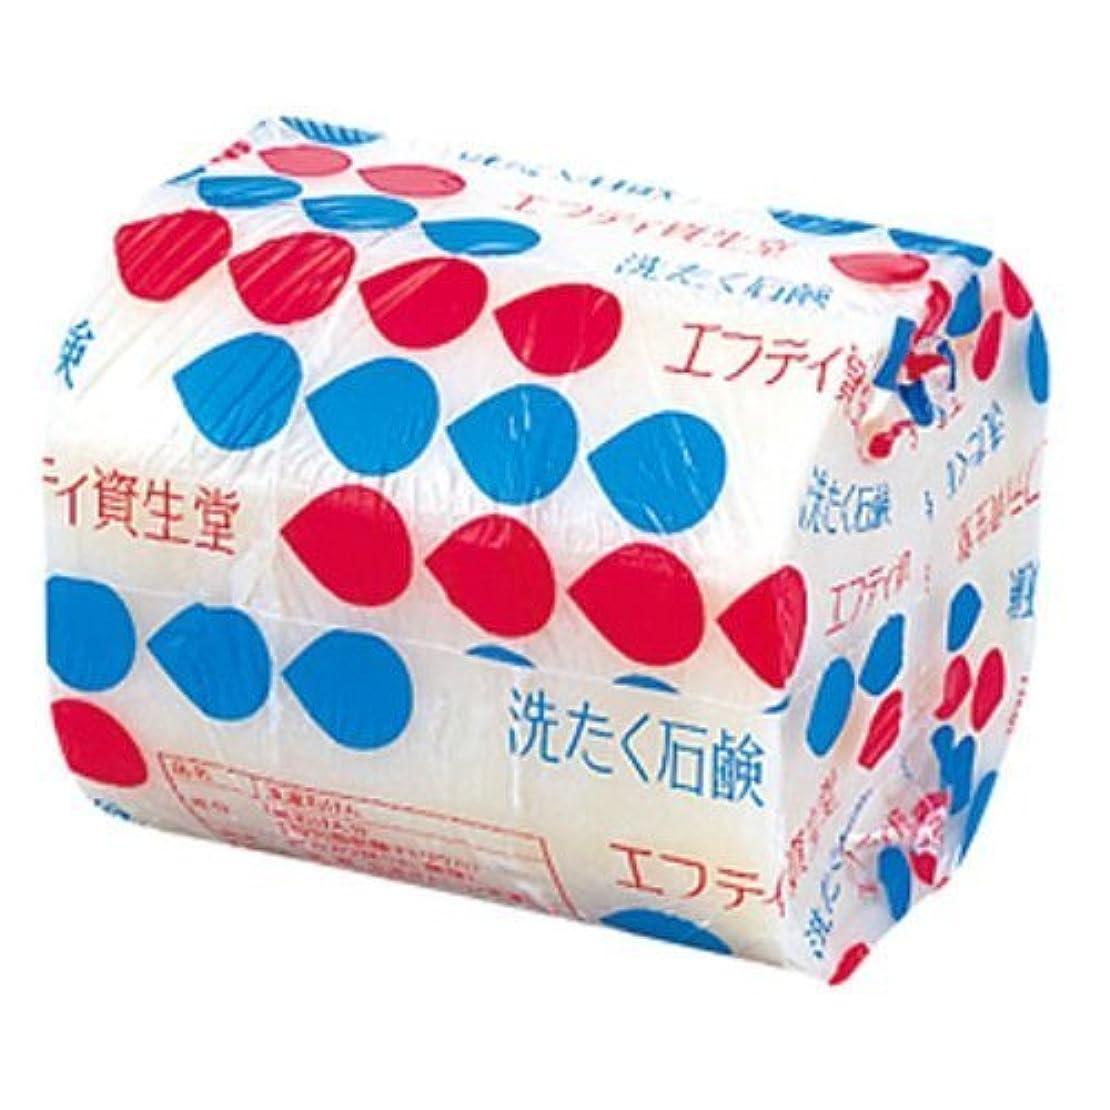 アーサー苦悩読者【資生堂】エフティ資生堂洗たく石鹸花椿型3コパック200g